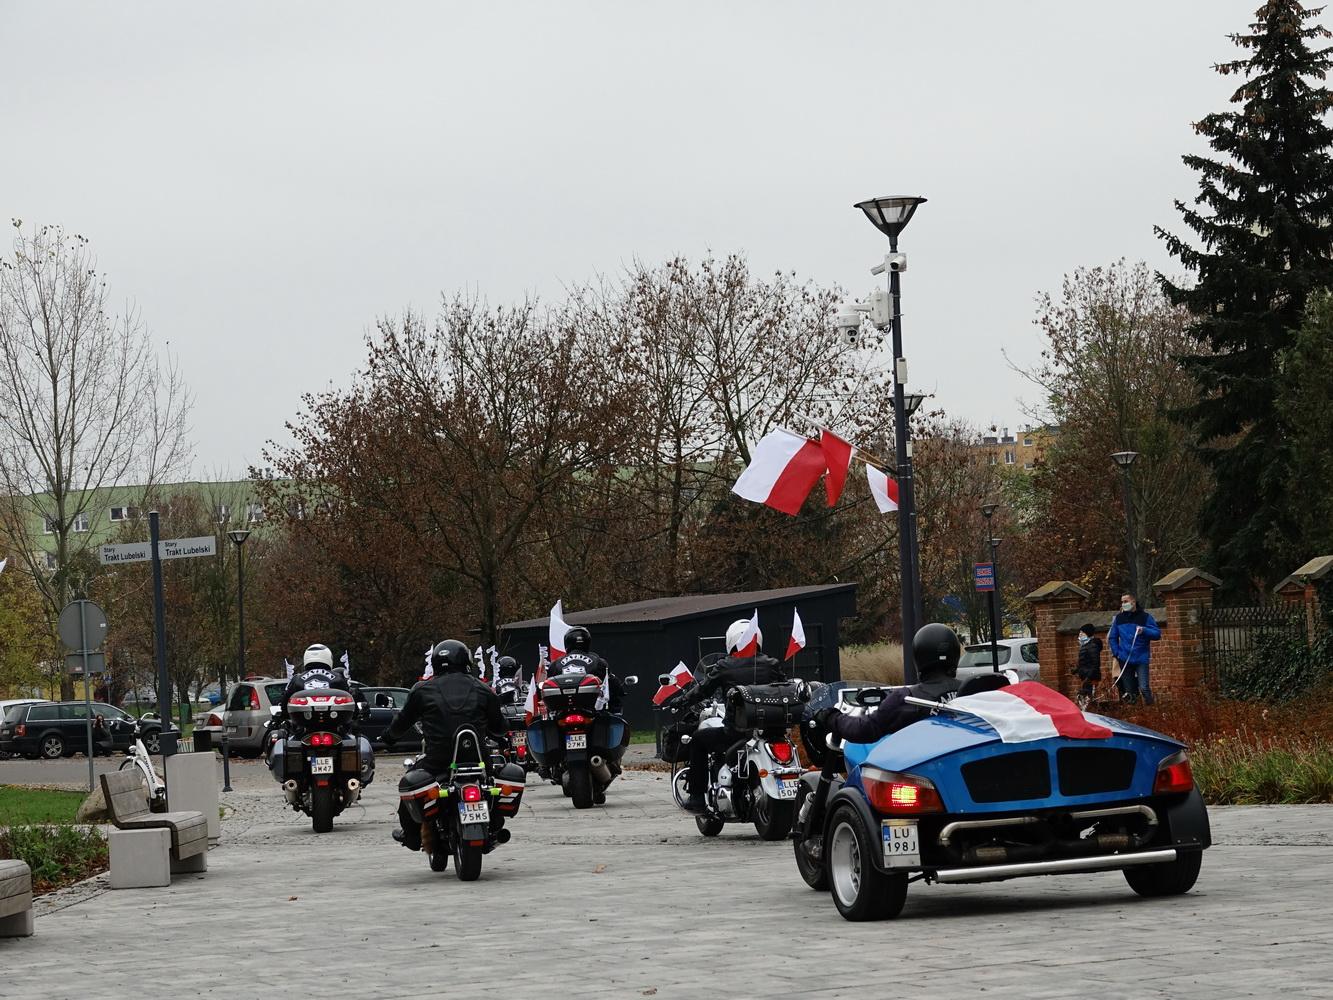 11 listopada w Łęcznej. Odsłonięcie pomnika, msza i przejazd motocyklistów (ZDJĘCIA) - Zdjęcie główne